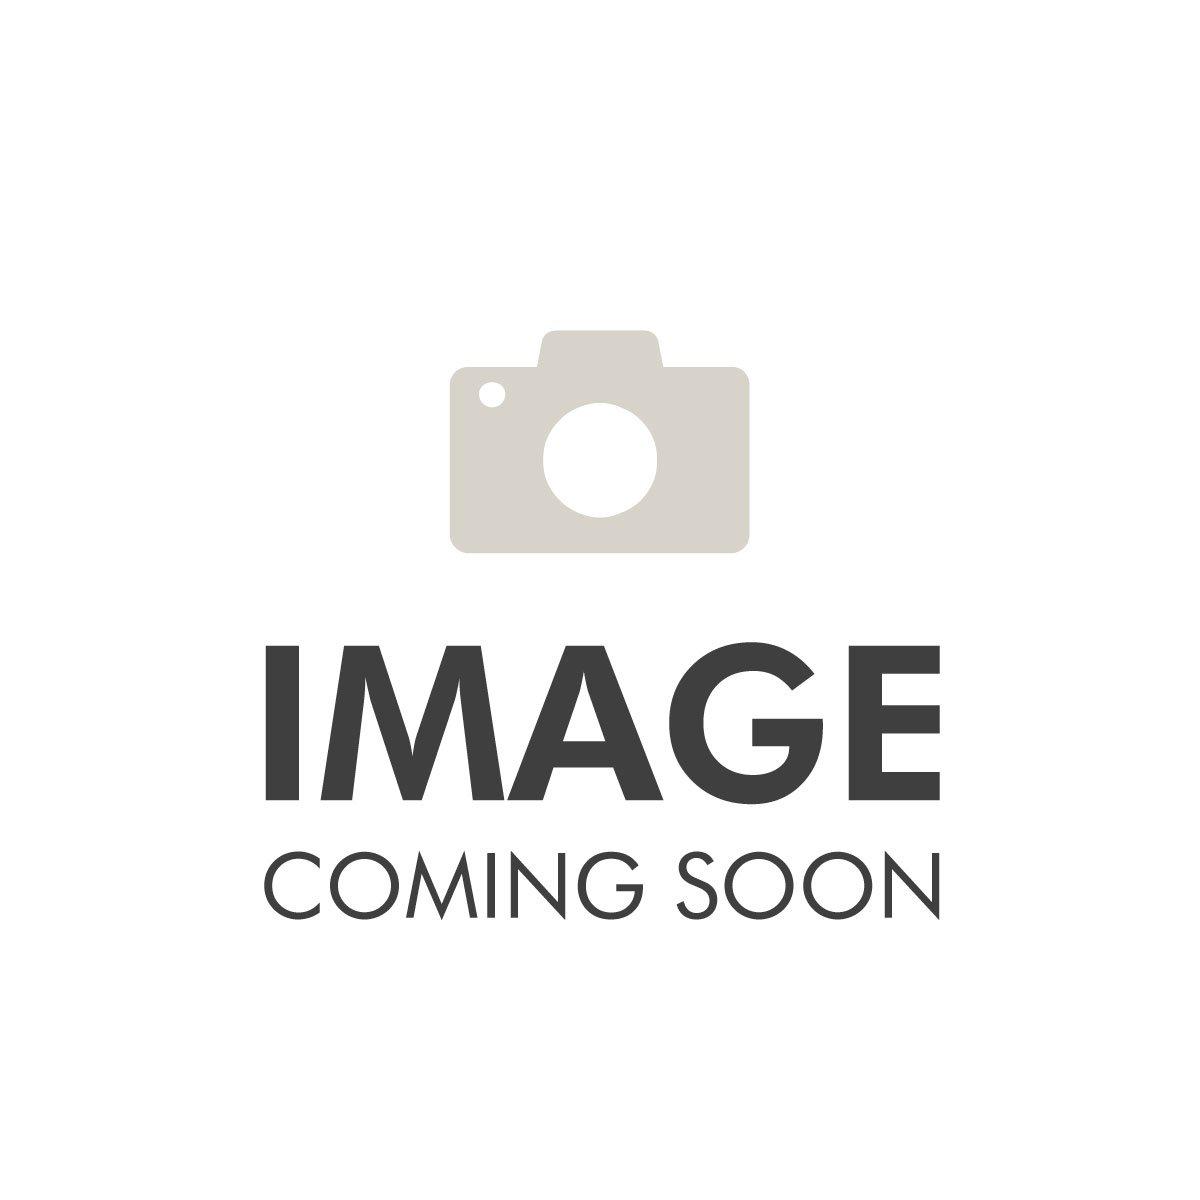 PBT - Socle 3mm, manchon isolant et noix